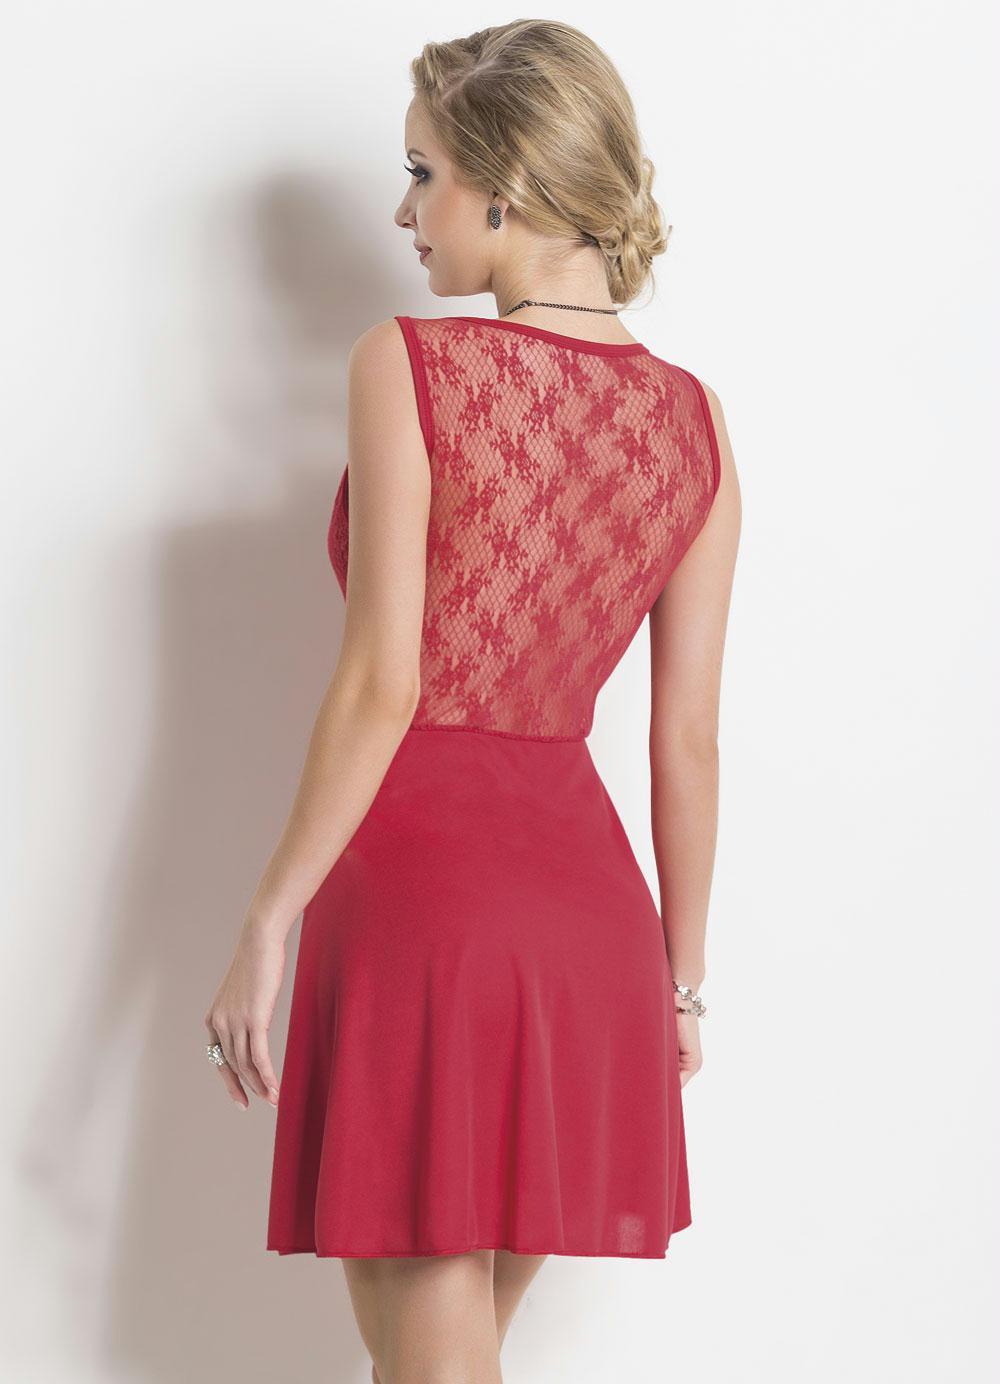 Vestido Vermelho Com Renda Frente E Costas Moda Pop